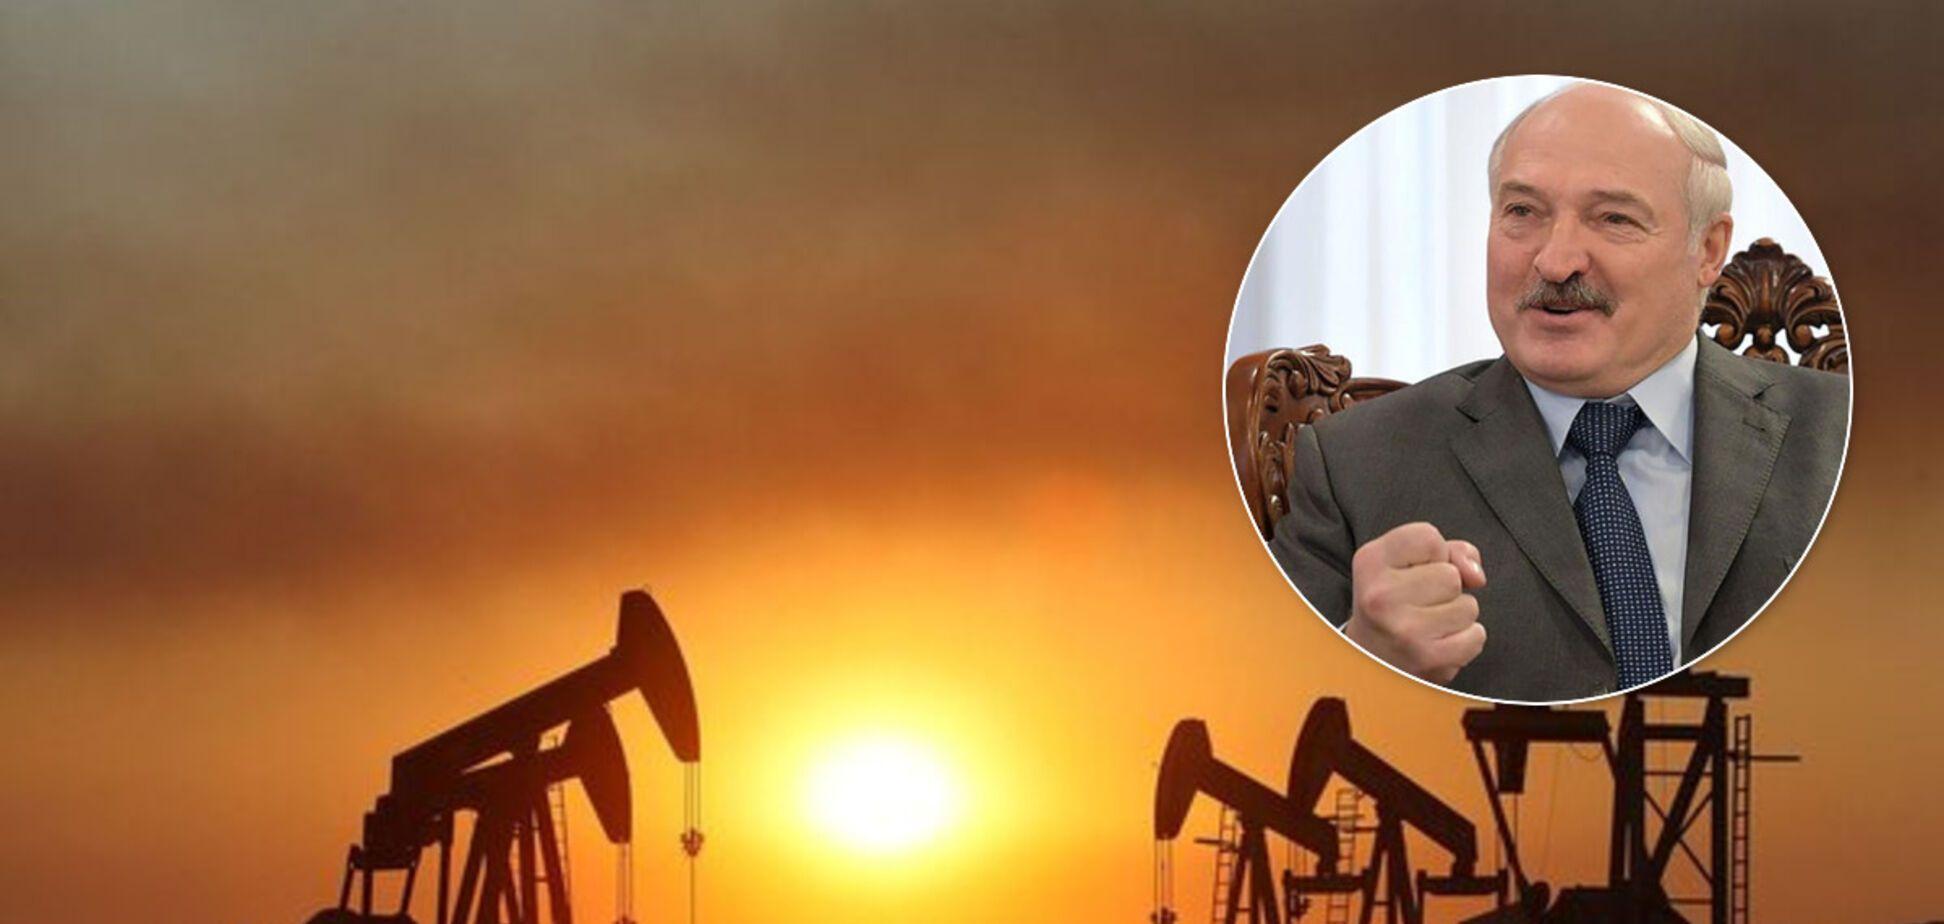 Білорусь закупила першу партію нафти у Saudi Aramco